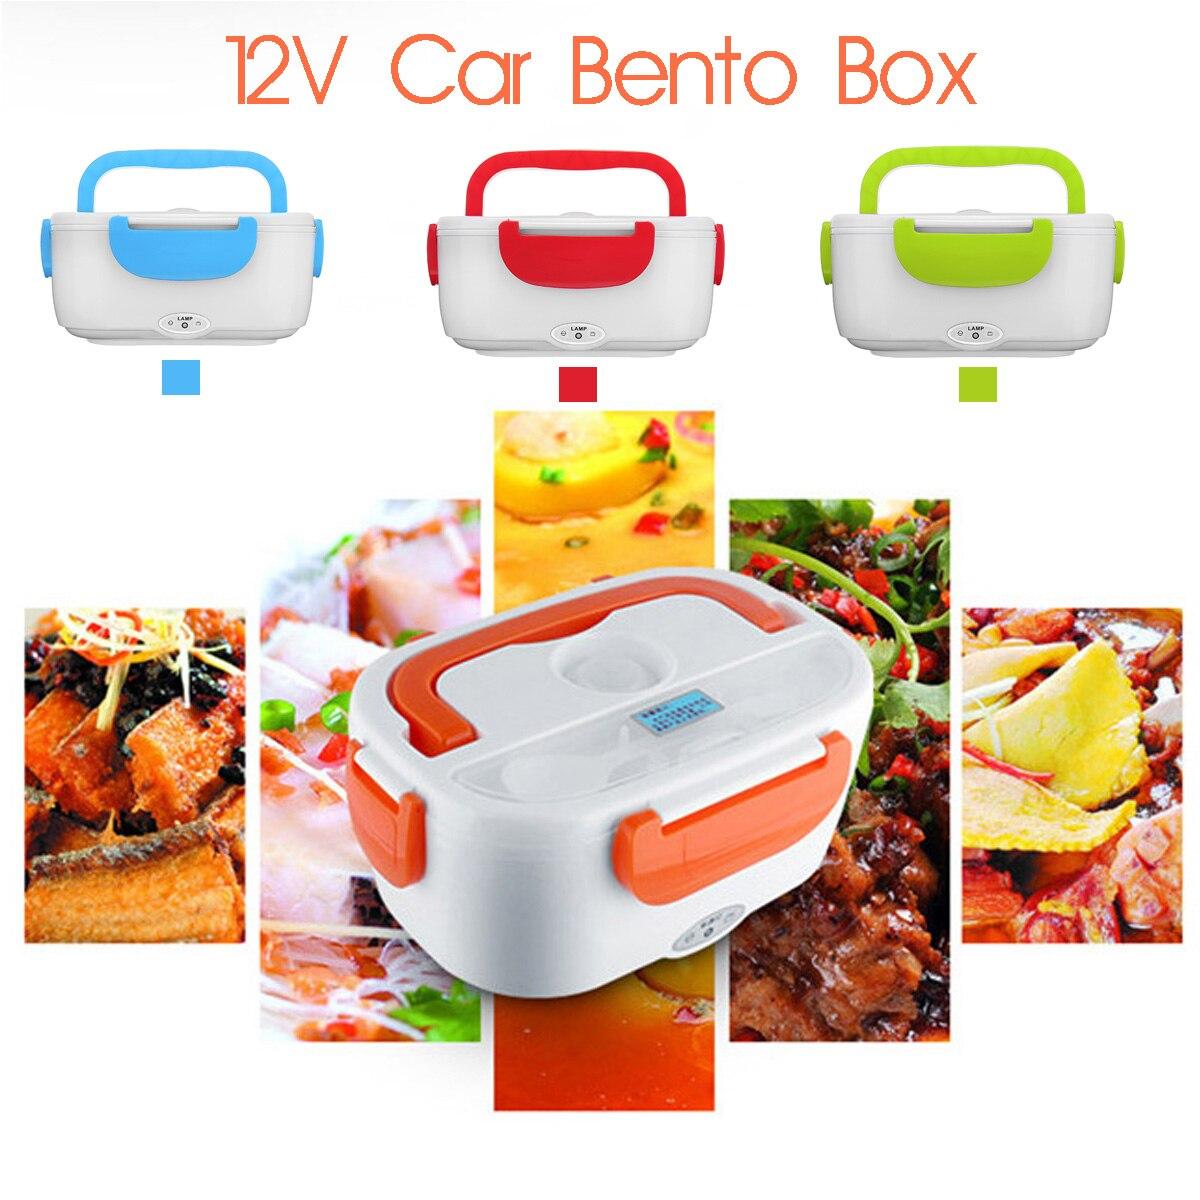 12 v-24 v Auto Portatile Lunch Box Riscaldamento Elettrico Riscaldato Multi-funzionale Bento Cibo Riso Contenitore Più Caldo per i Viaggi in Automobile